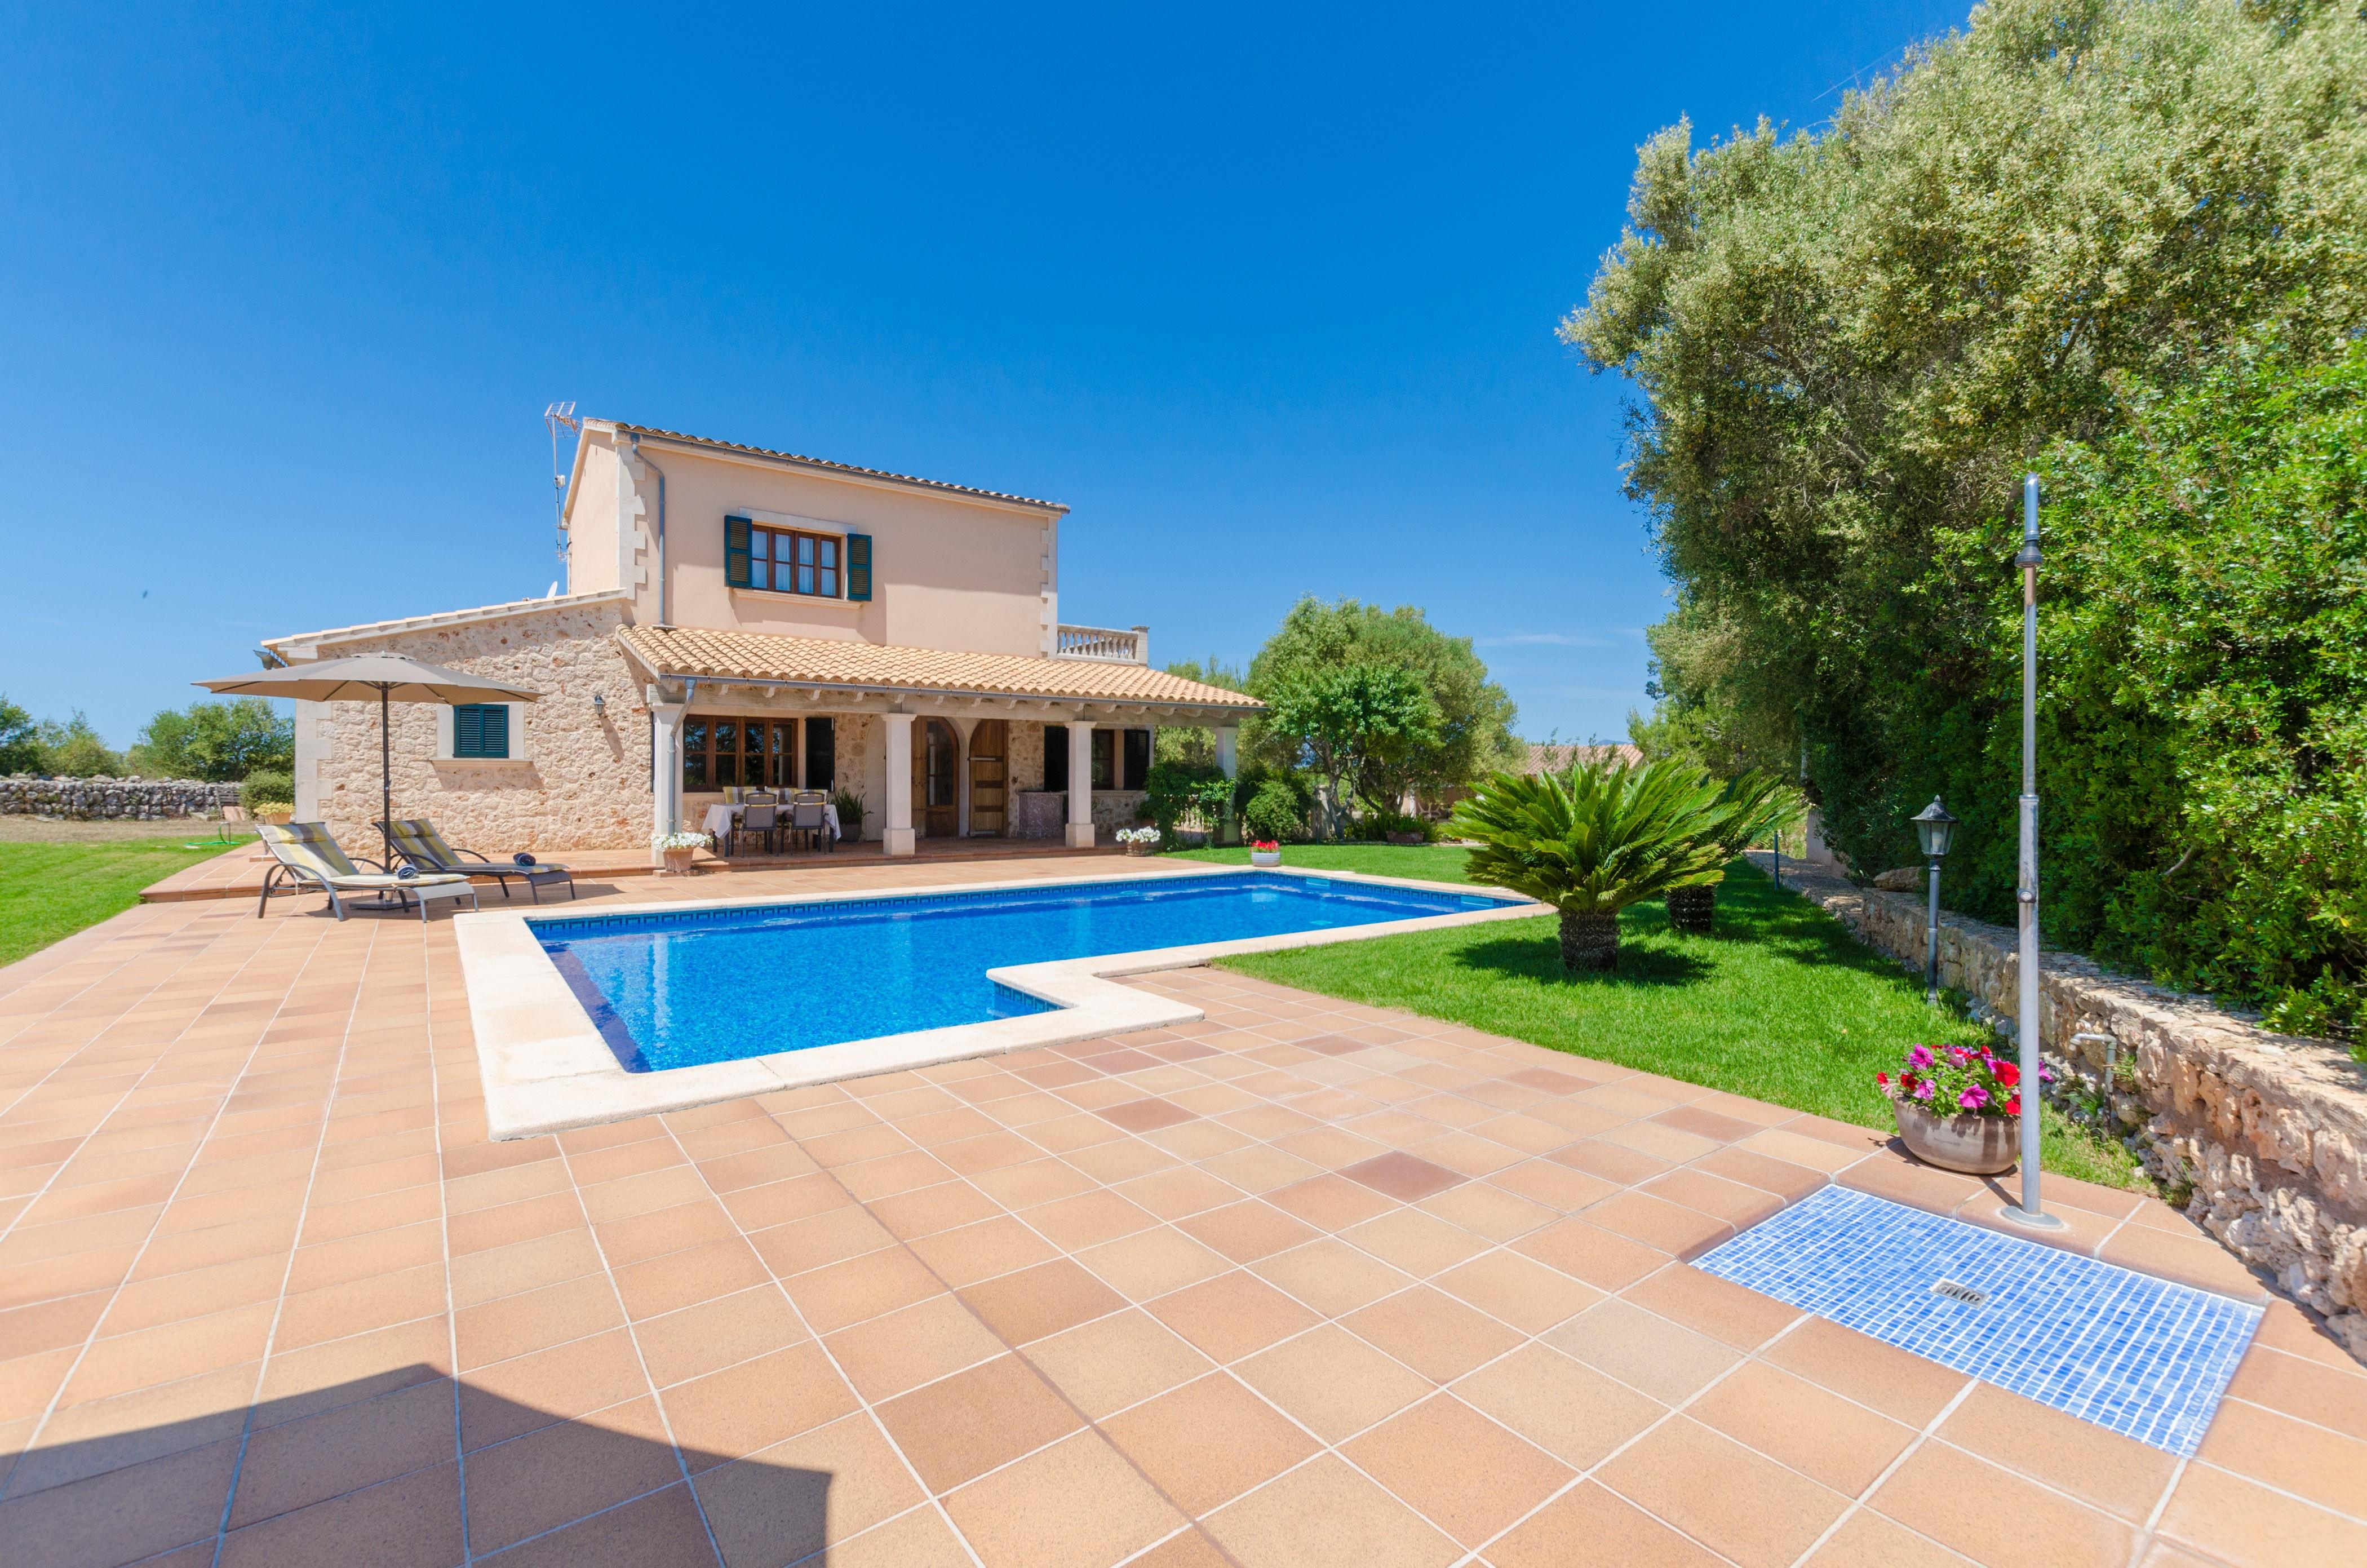 Maison de vacances ES VEDAT (2632993), Lloret de Vistalegre, Majorque, Iles Baléares, Espagne, image 39